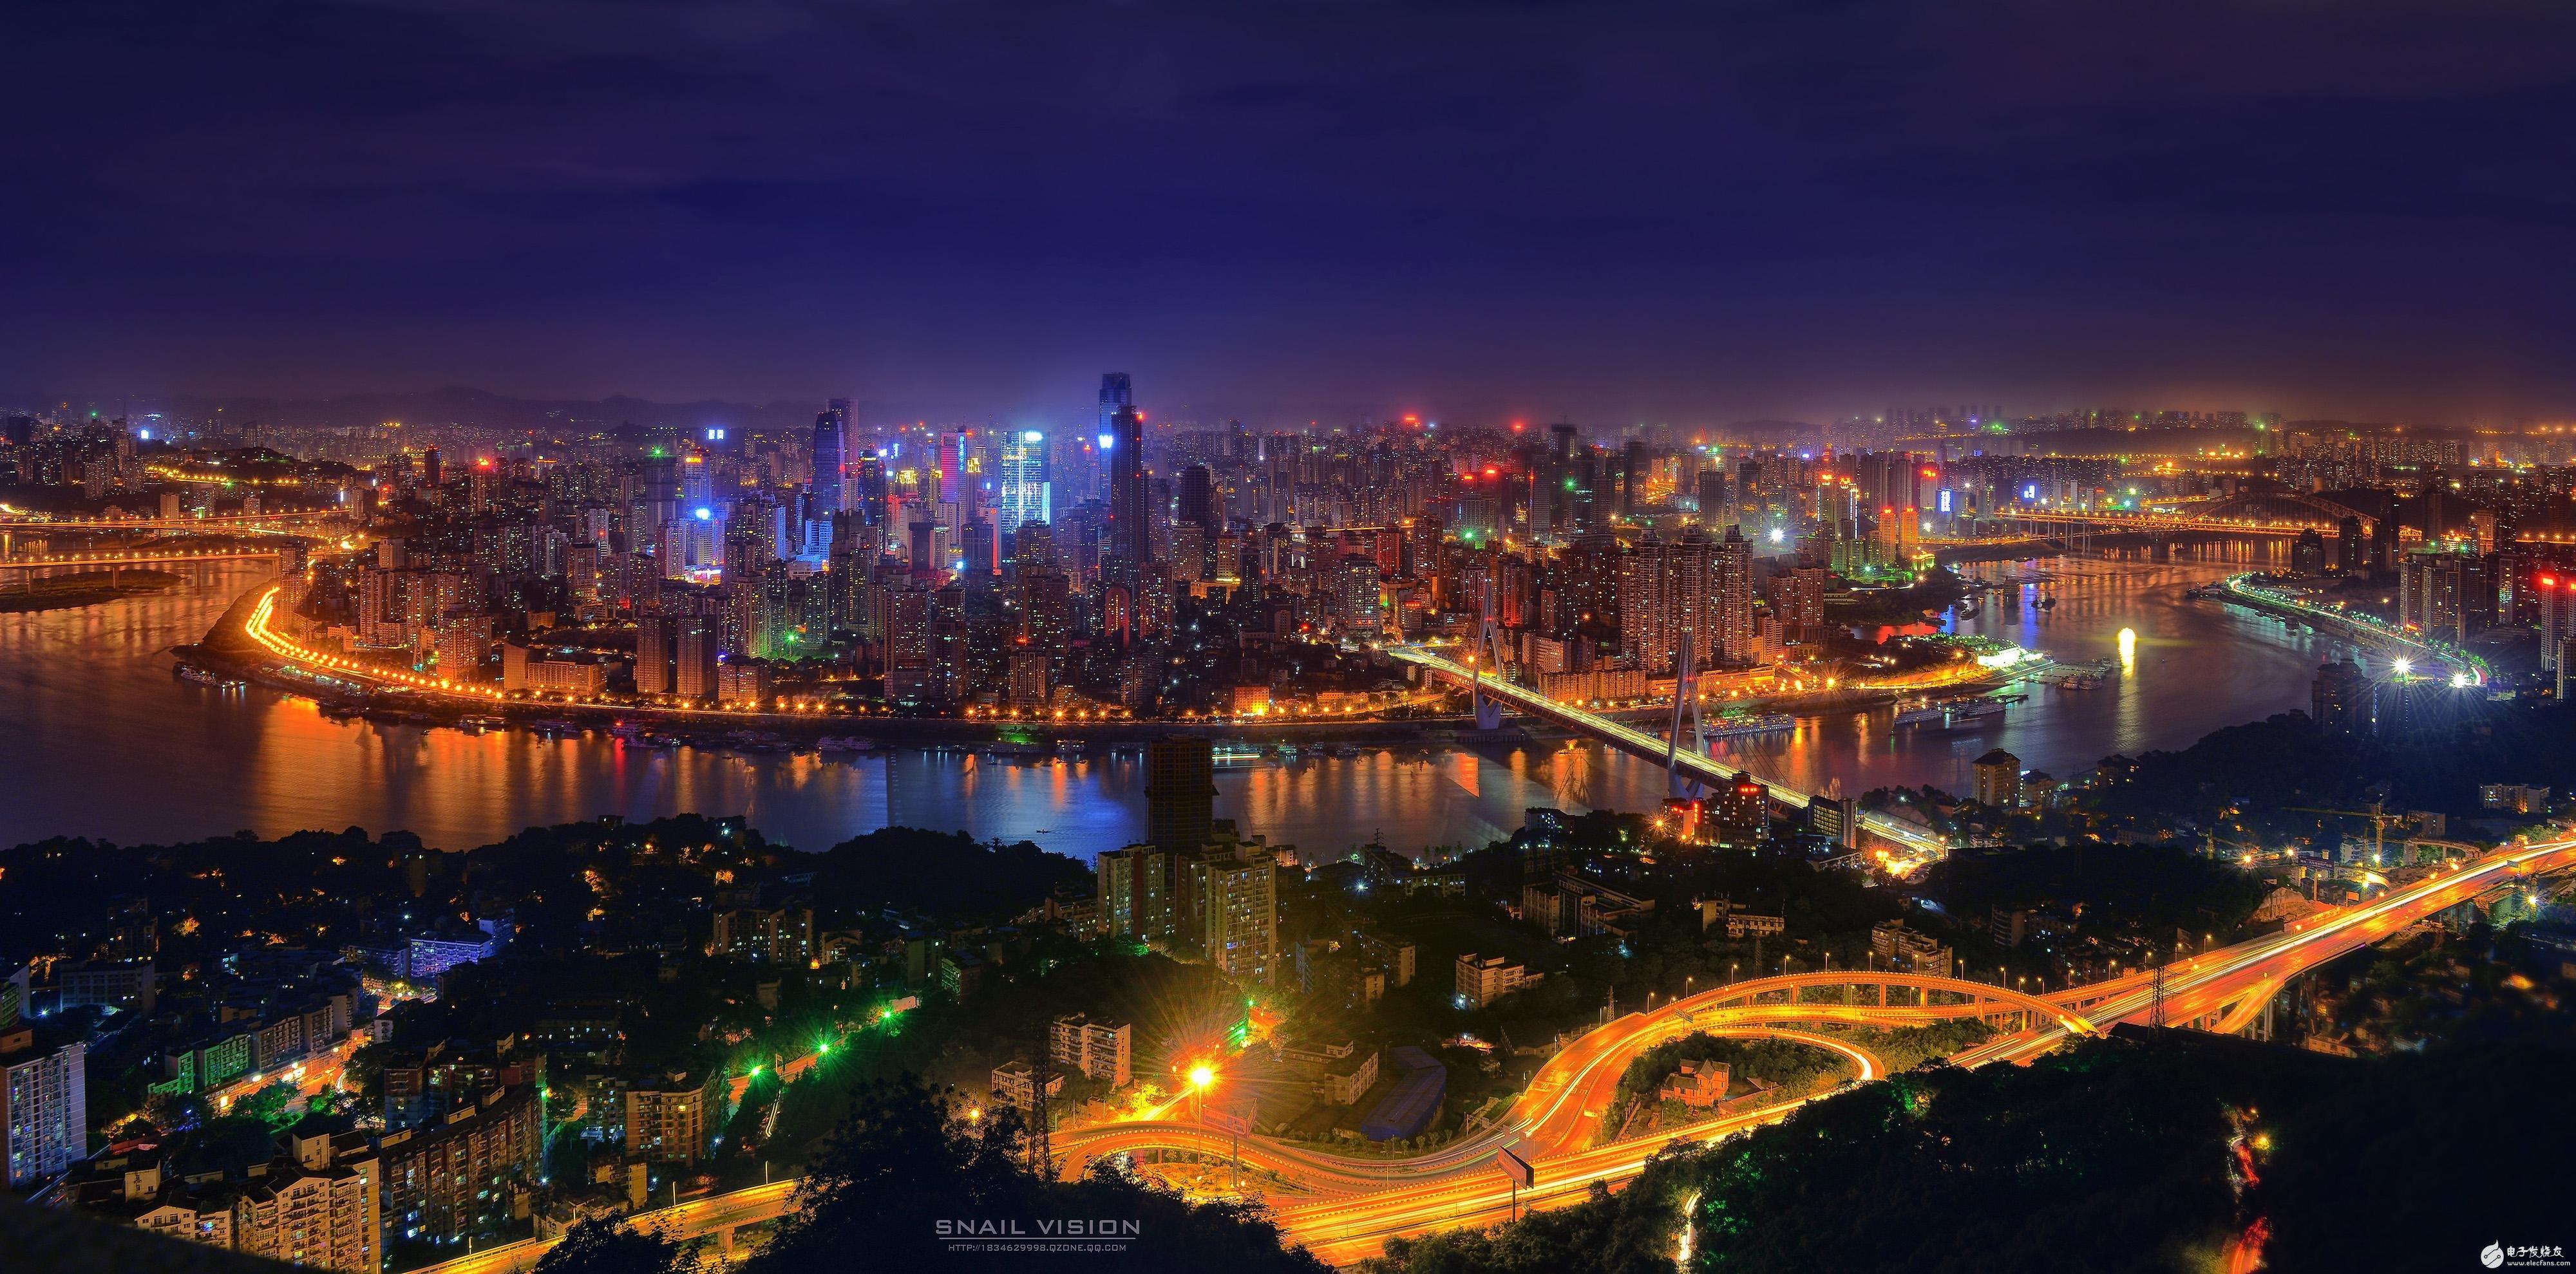 文化旅游产业火爆的背后是规模上千亿的灯光市场